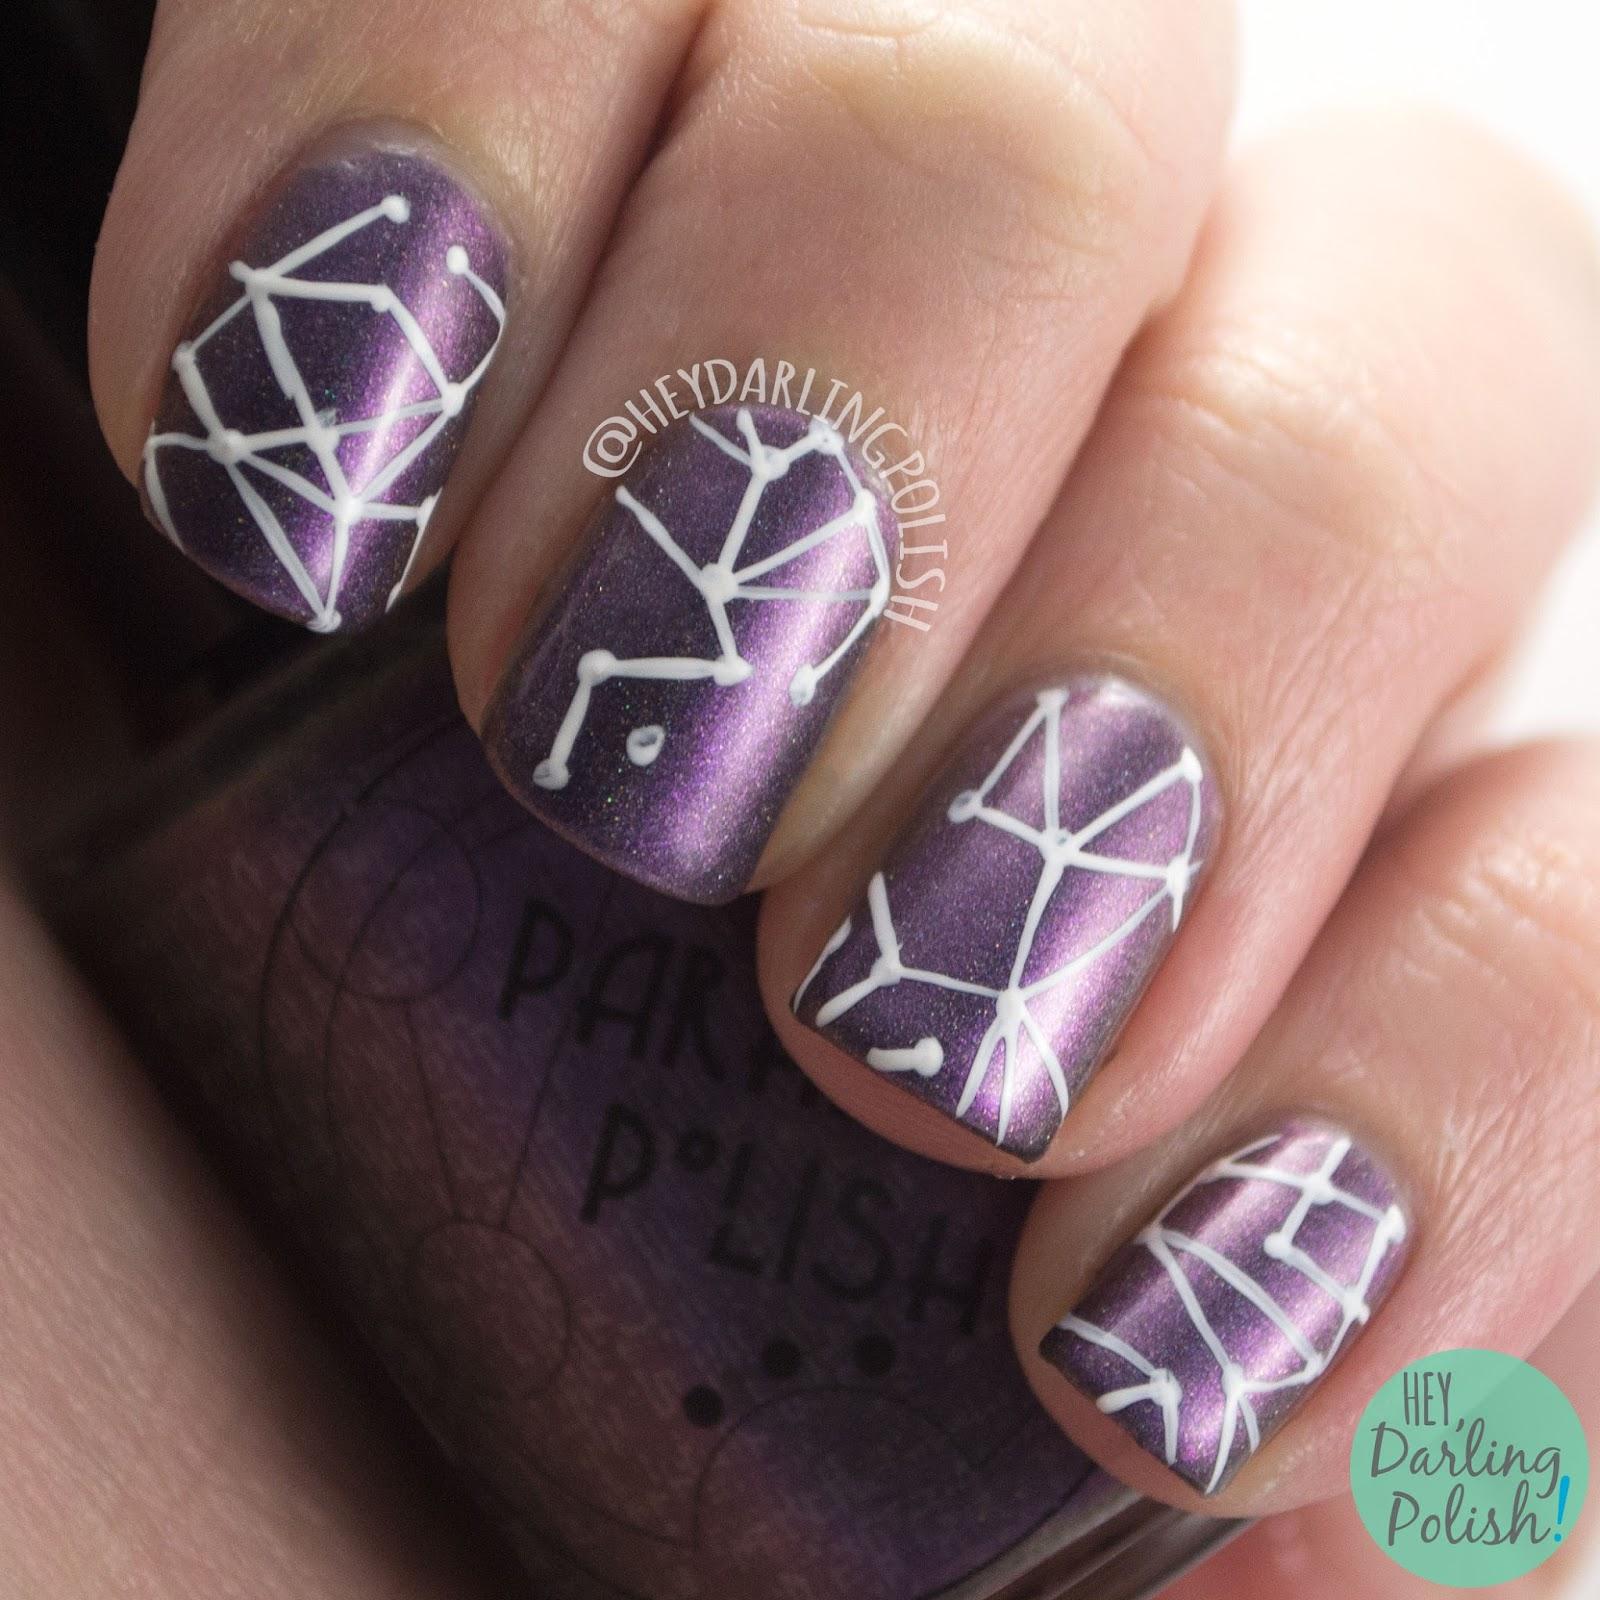 marilee, holo, lines, nails, nail art, nail polish, indie, indie polish, indie nail polish, hey darling polish, parallax polish,